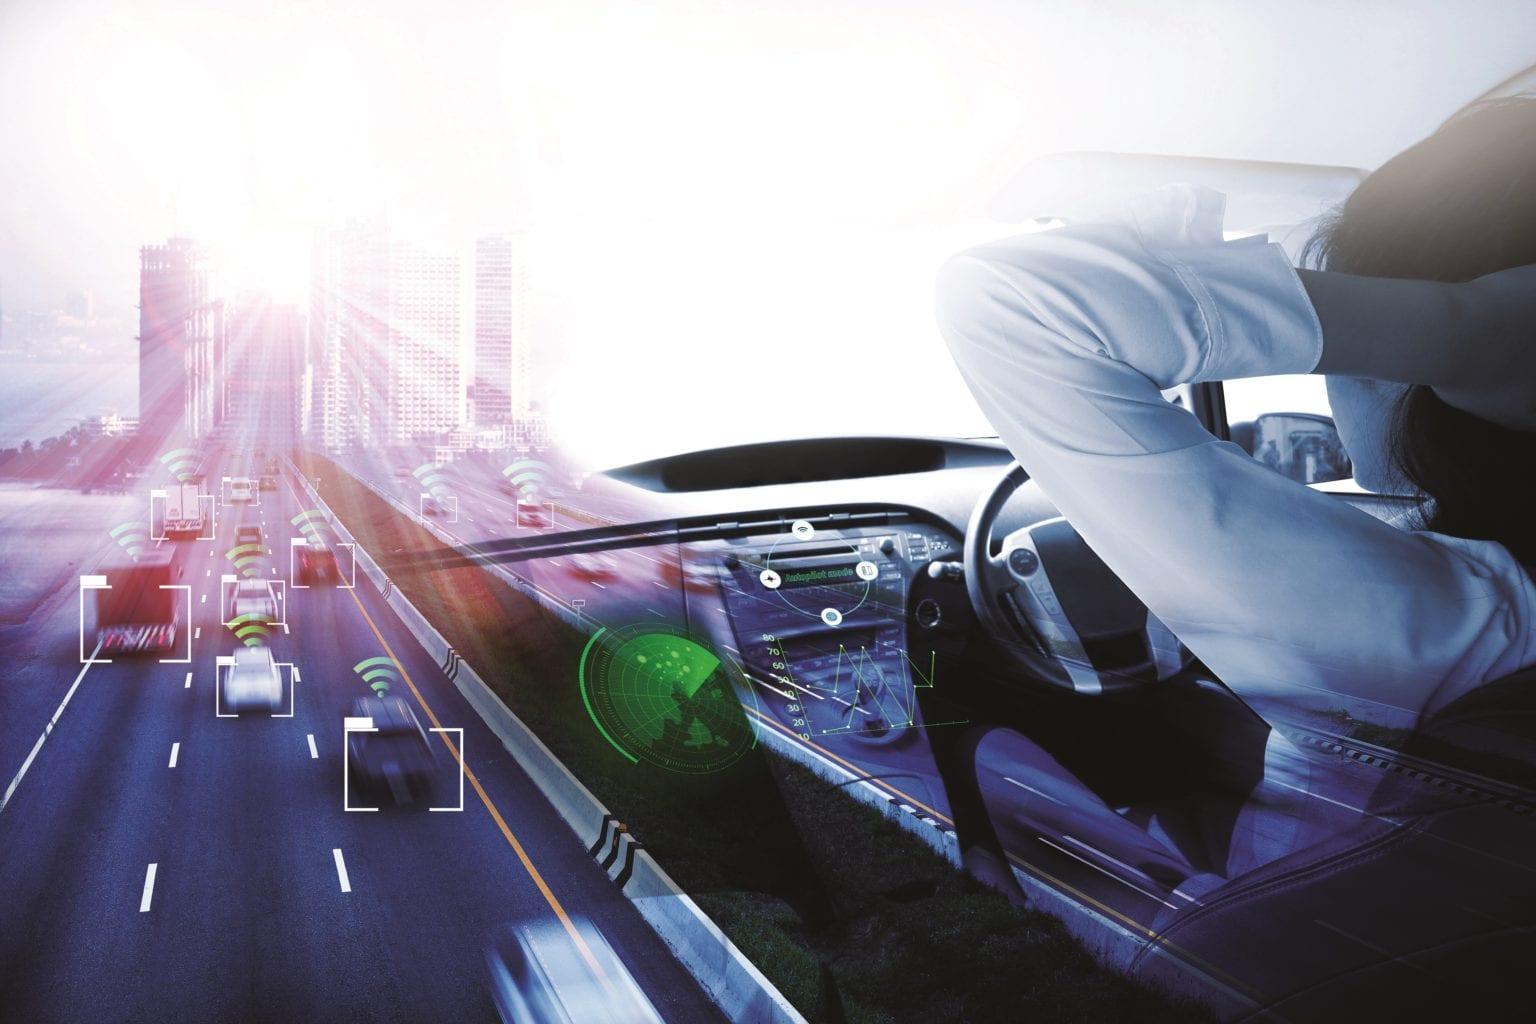 electric car or intelligent car